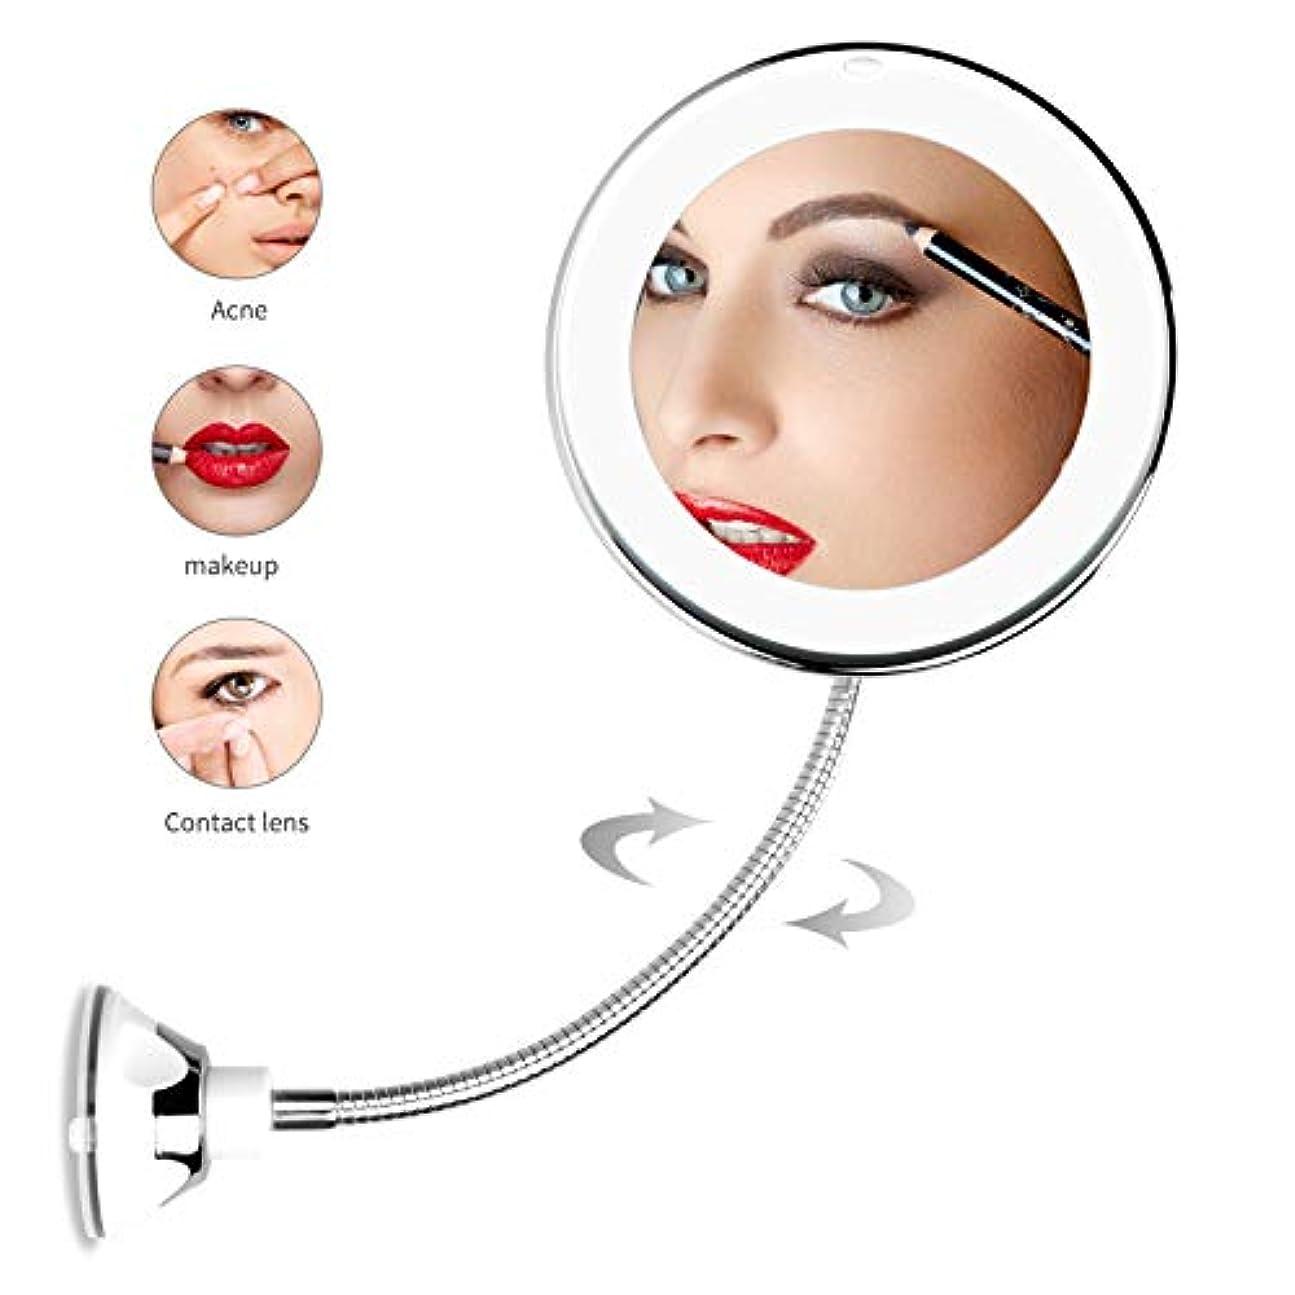 二に話すガイドライン化粧鏡 卓上 化粧ミラー 鏡 led付き 拡大鏡 5倍 明るさ調節可能 360°回転 強力な吸盤付き